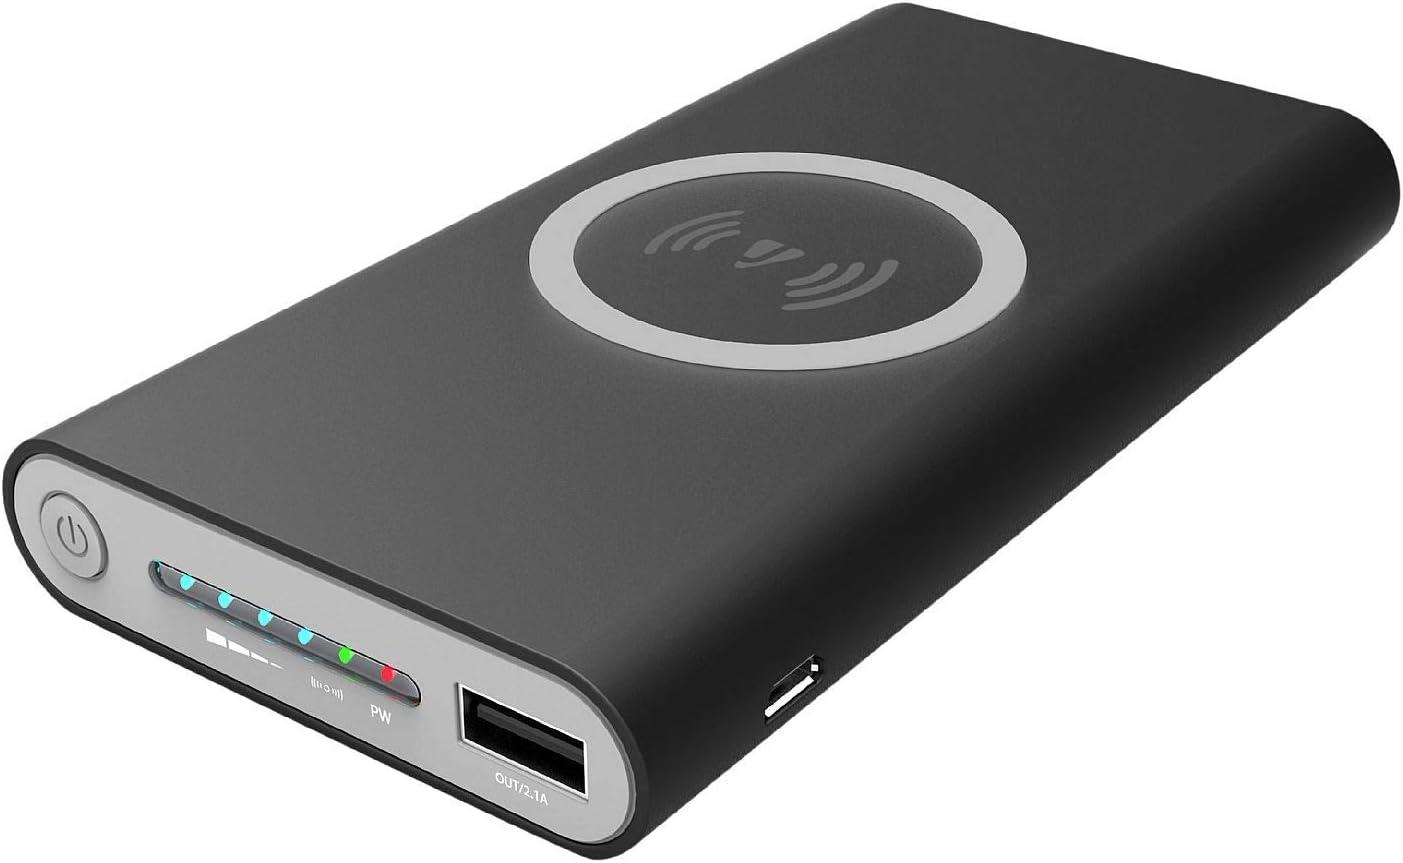 Jarv - Cargador portátil de 10.000 mAh con cargador USB externo y puerto de carga tipo C rápido y pantalla LED: Amazon.es: Electrónica